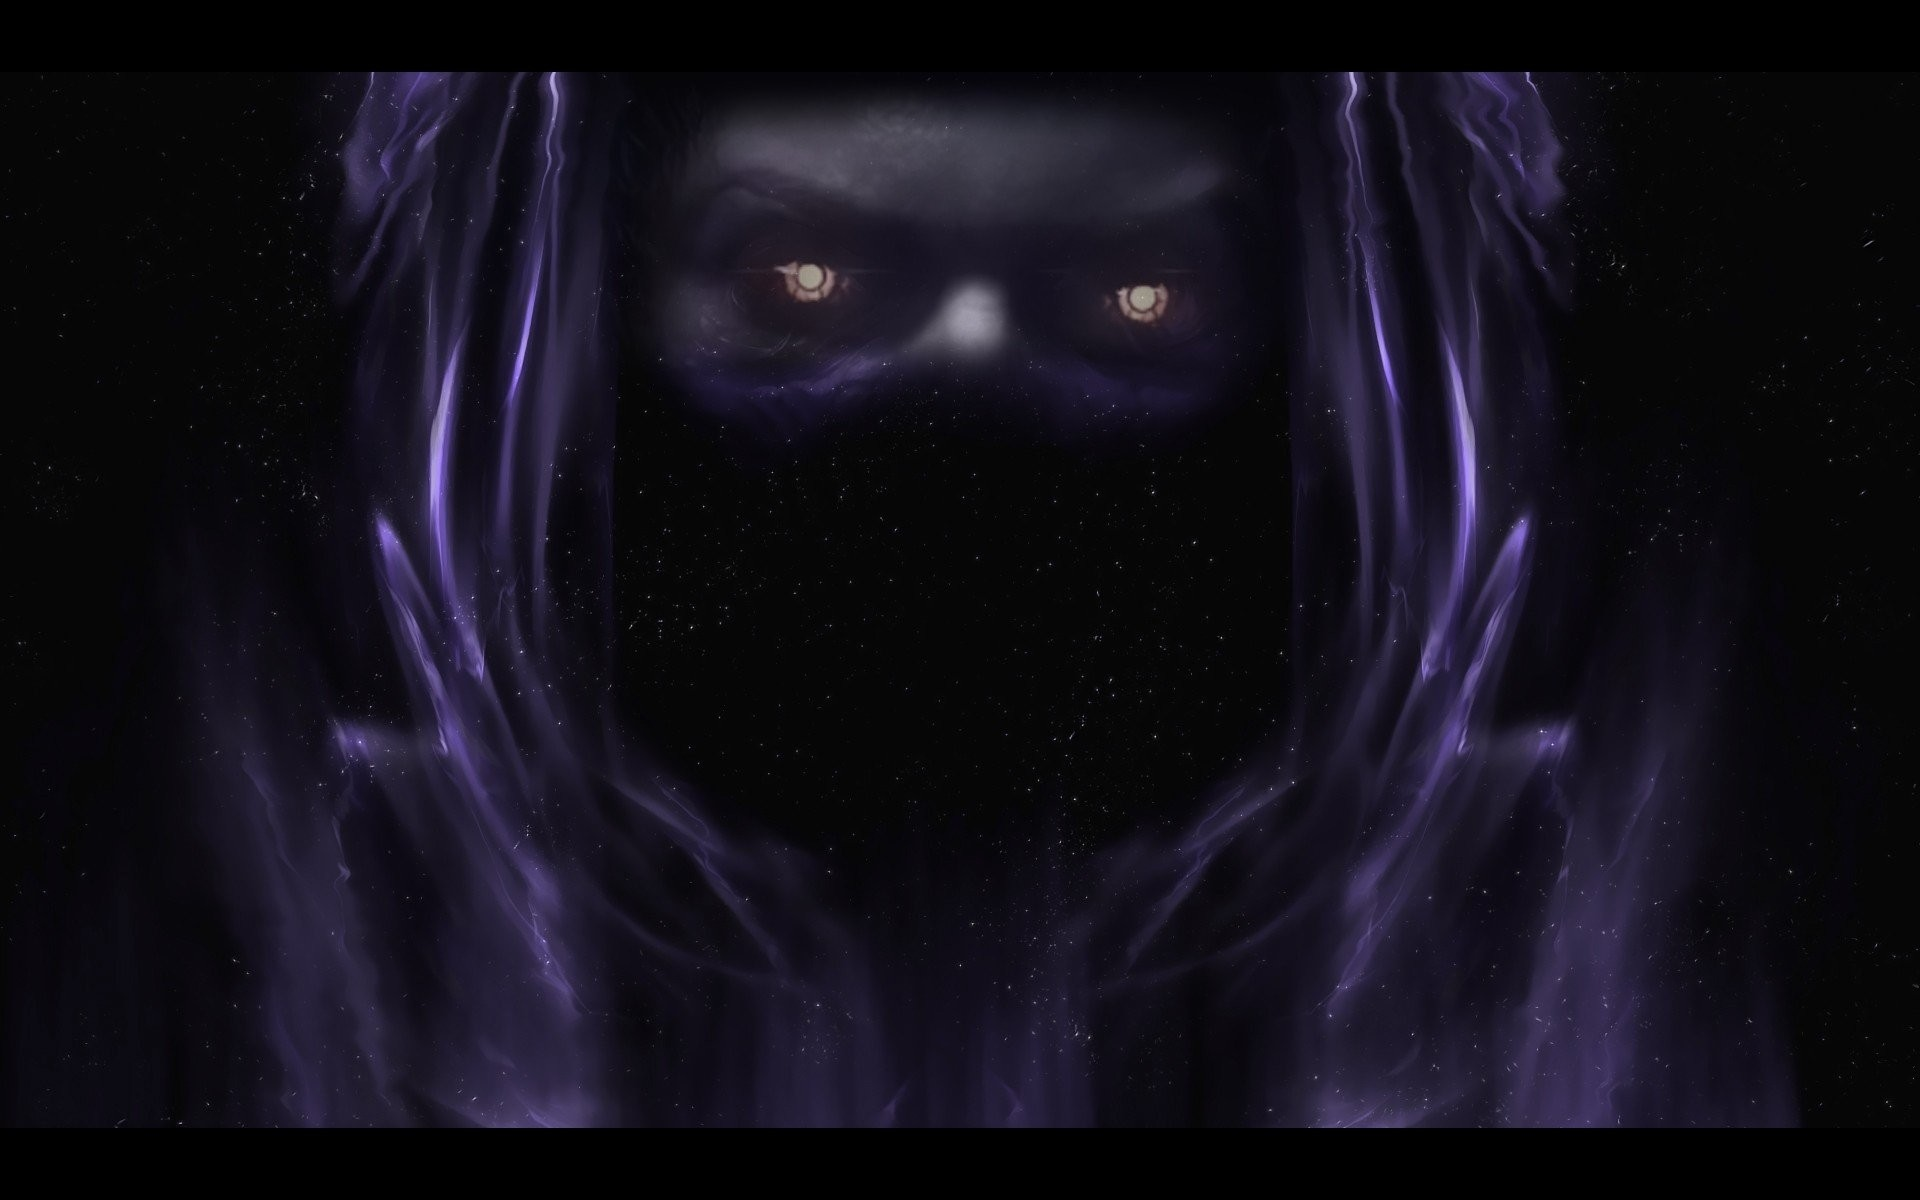 Video games galaxies purple spirit Sarah Kerrigan Queen Of Blades StarCraft  II Kerrigan wallpaper | | 236373 | WallpaperUP